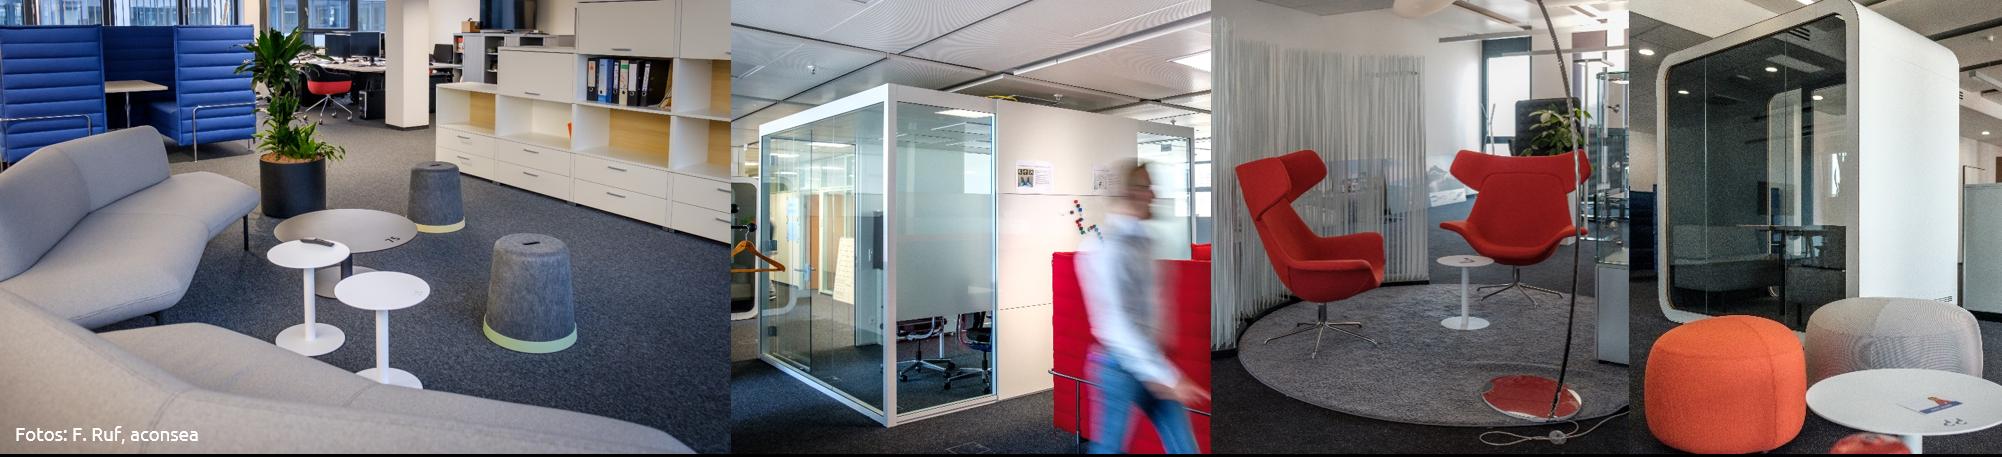 Bürokonzept mit Desksharing, Think Tanks und Meetingzone